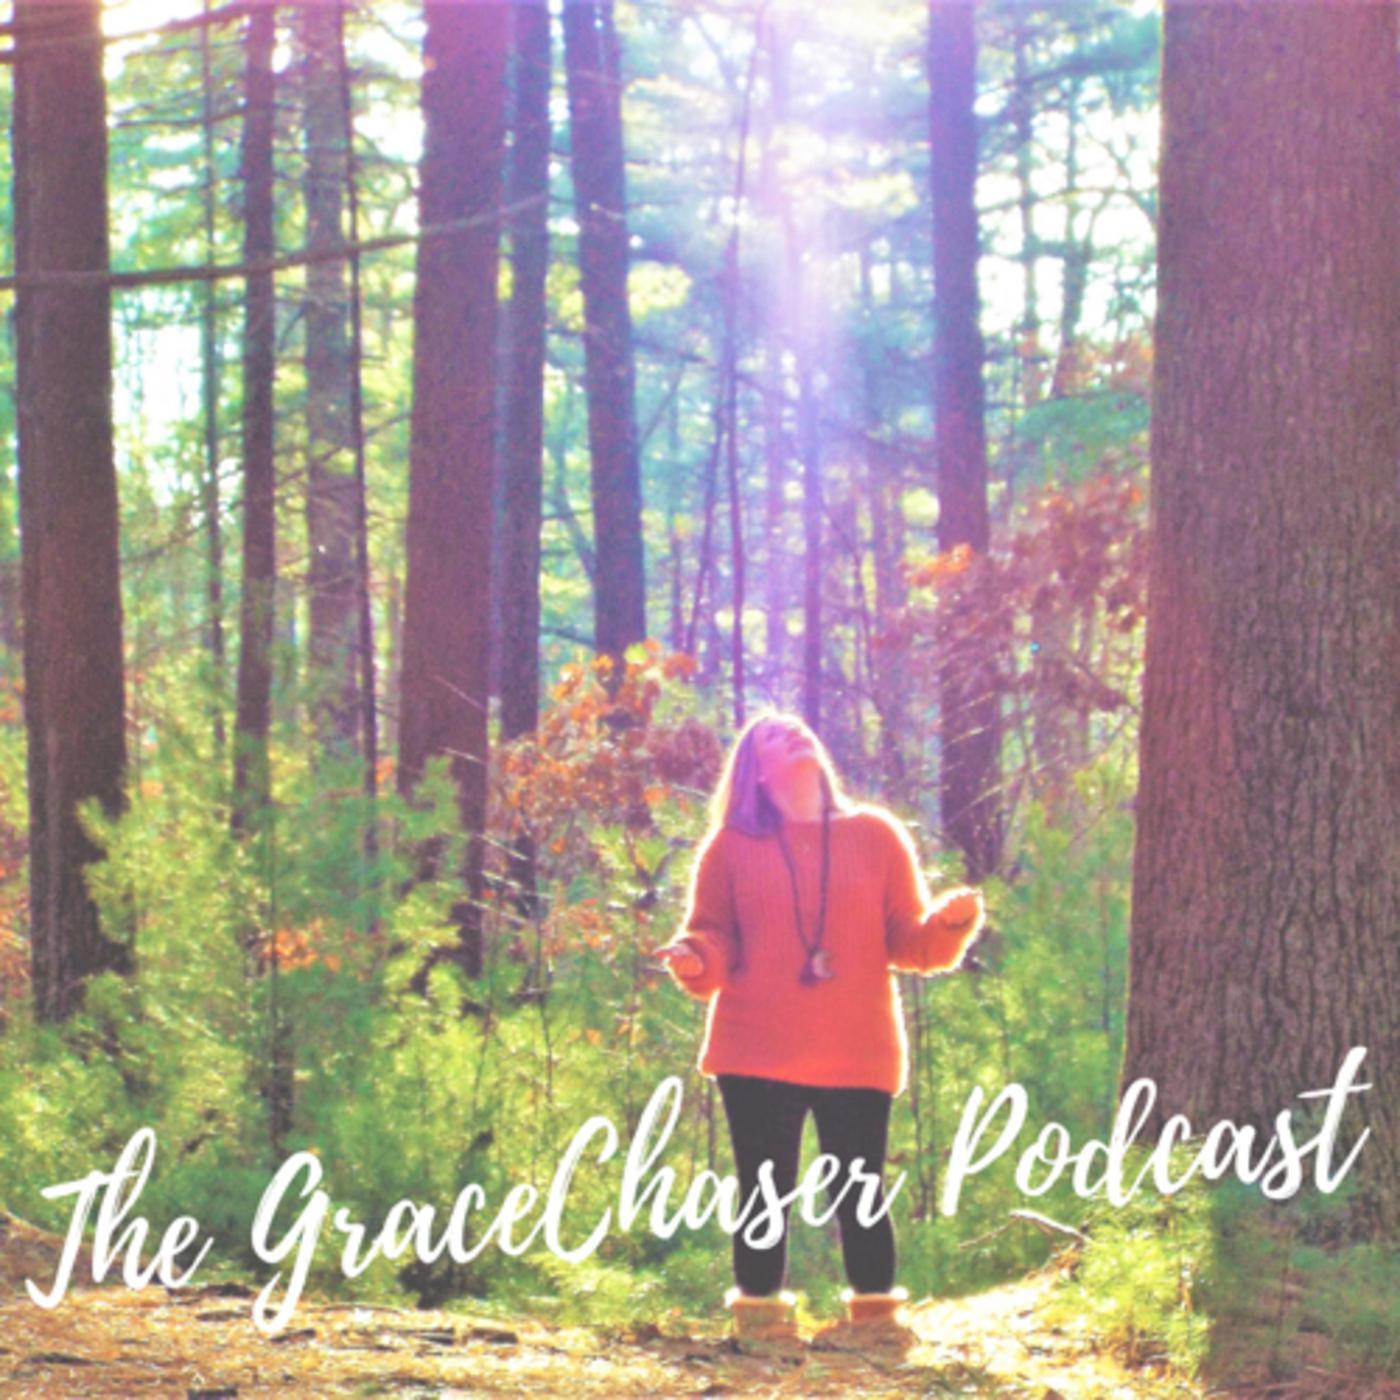 Kendra Beavis on the GraceChaser Podcast